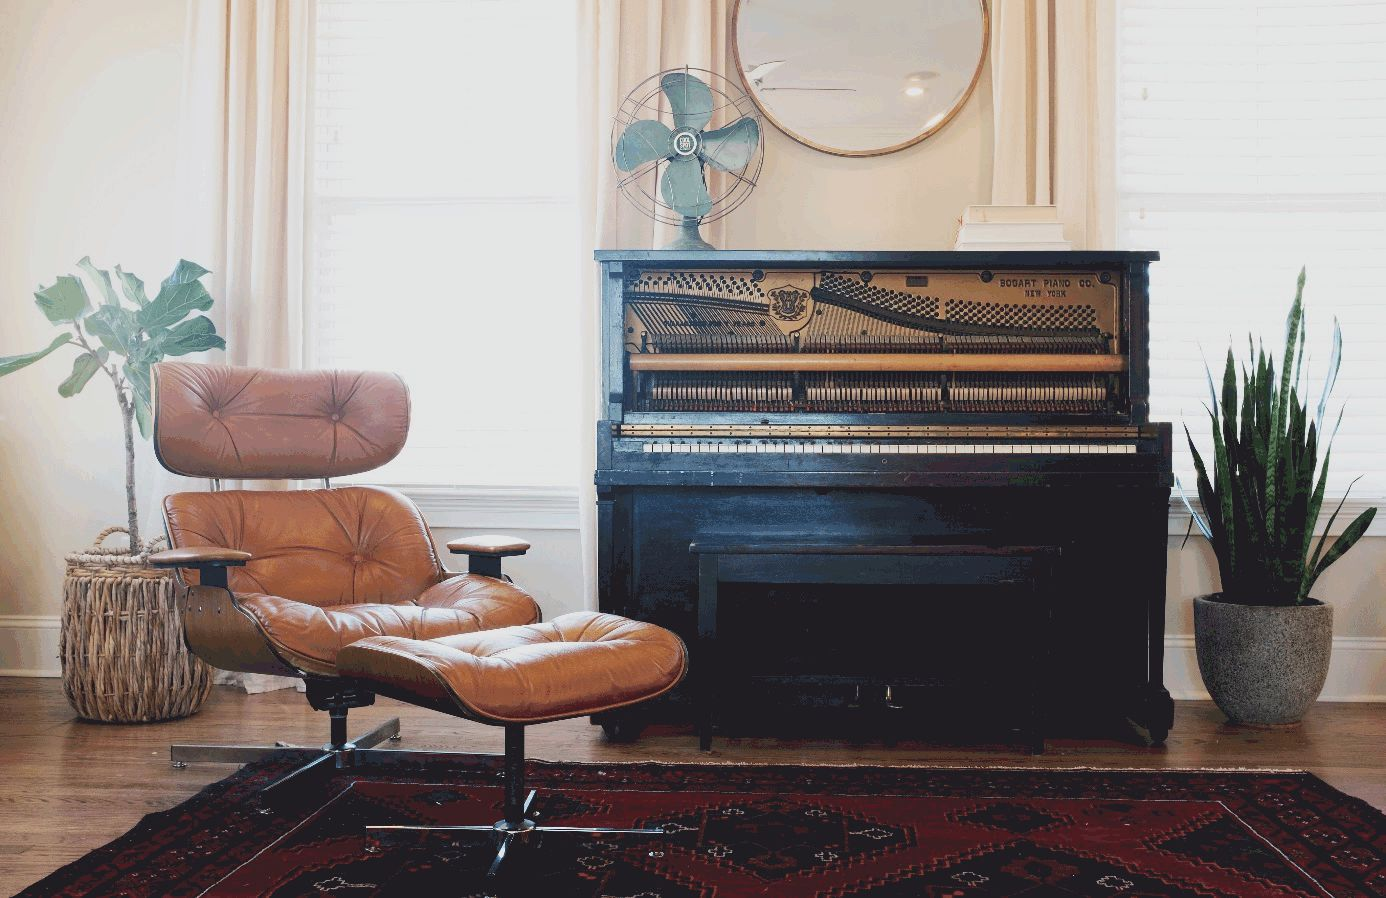 Wohnzimmer mit Sessel und Klavier